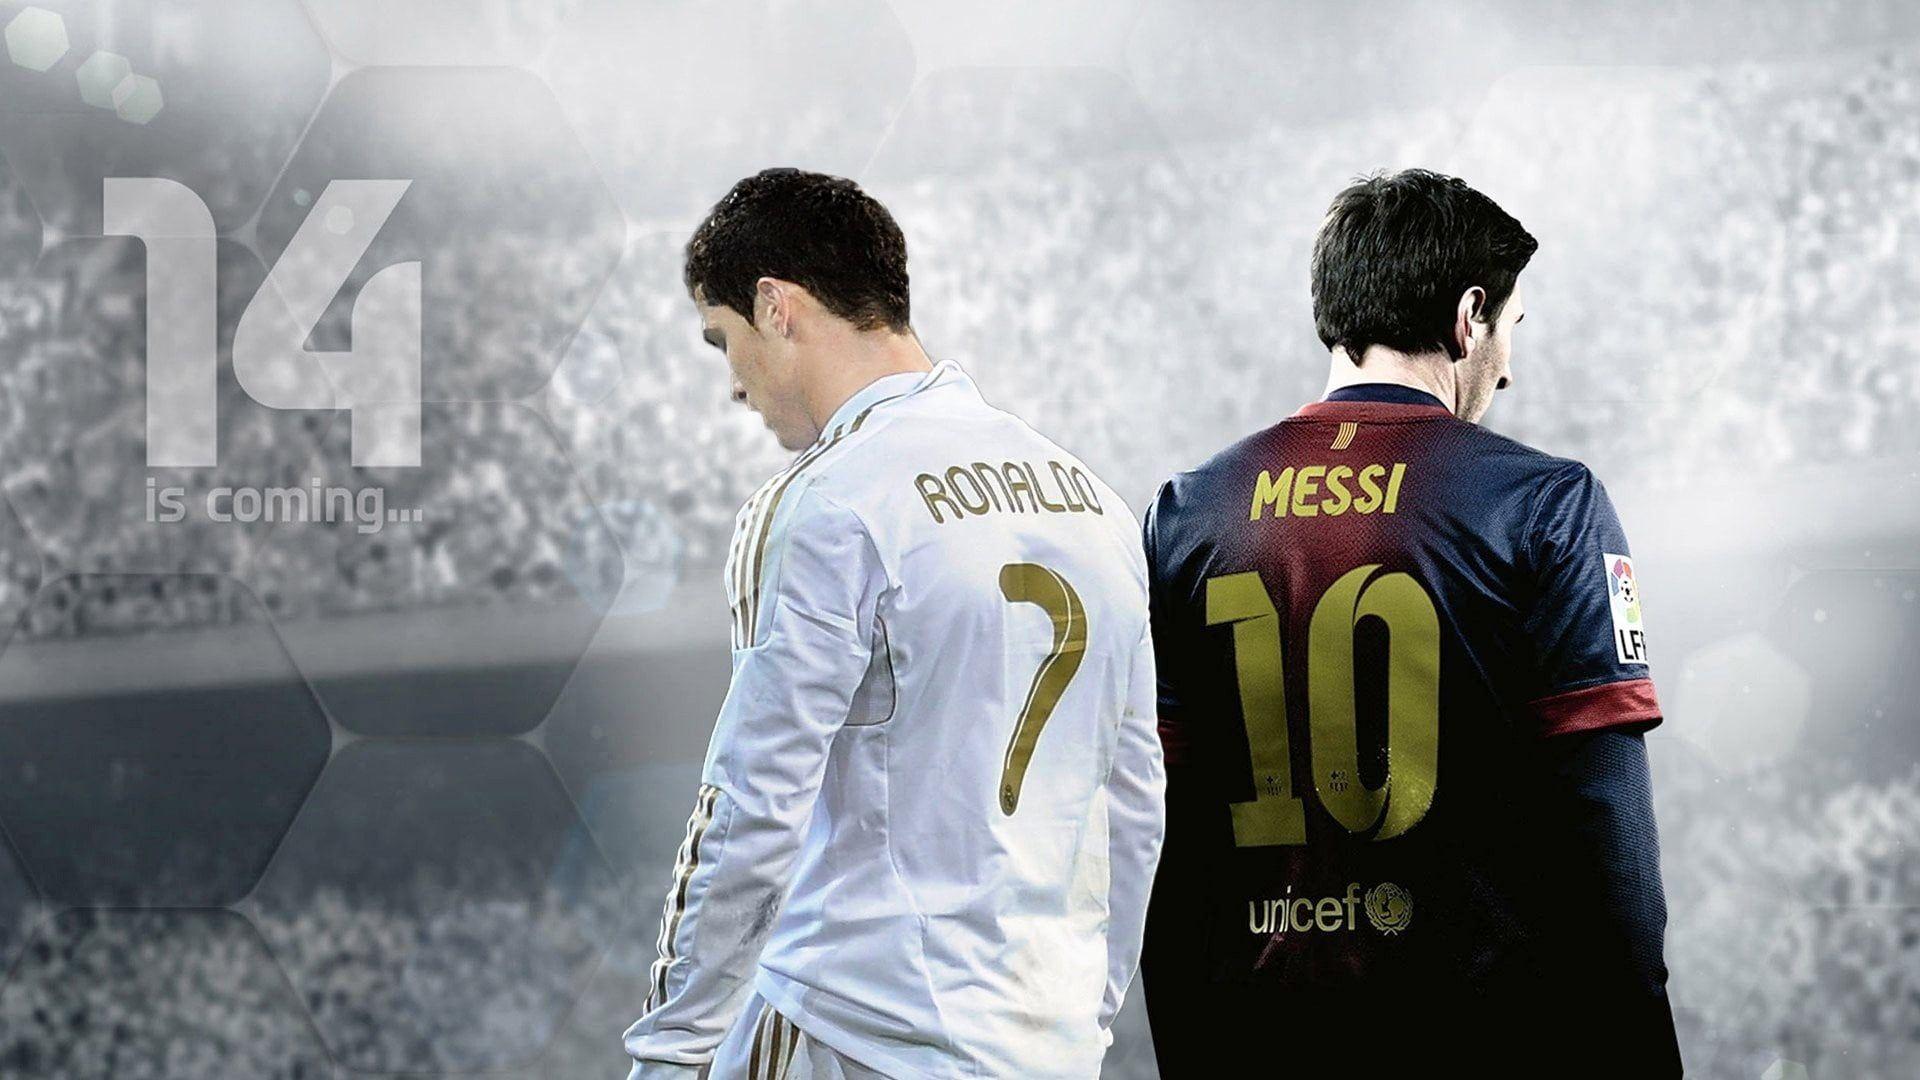 Video Game Fifa 14 Cristiano Ronaldo Lionel Messi 1080p Wallpaper Hdwallpaper Desktop Messi Vs Ronaldo Lionel Messi Ronaldo